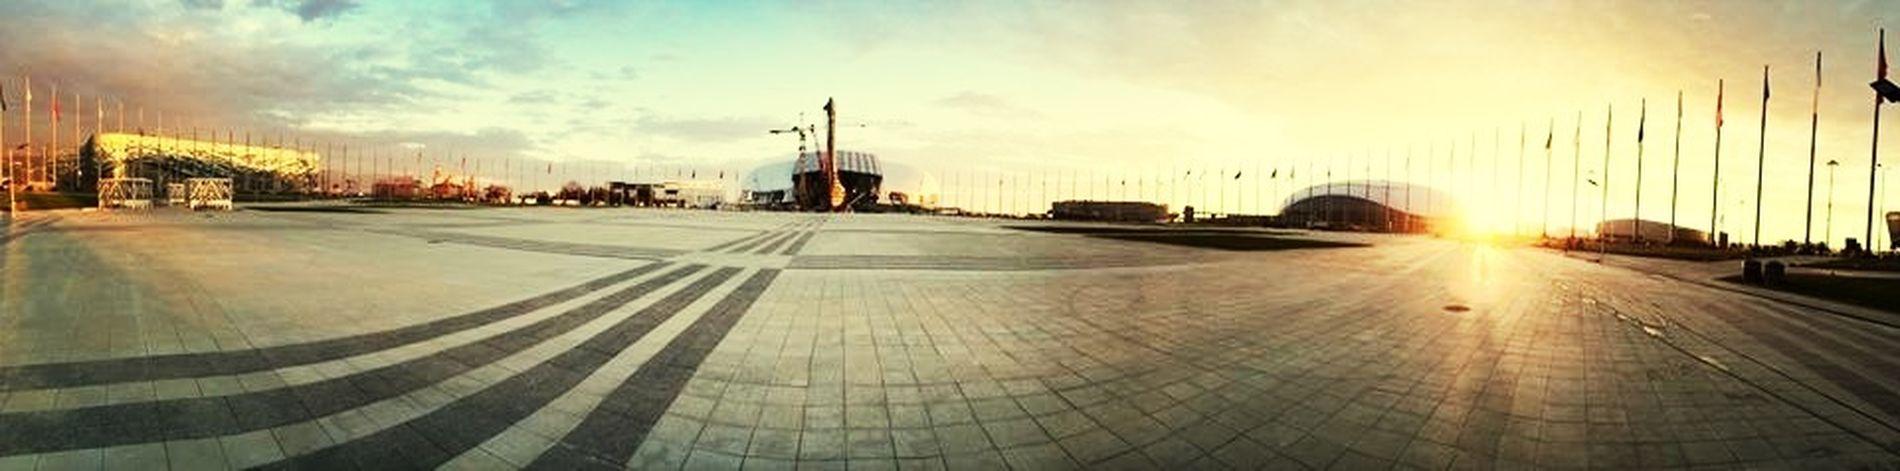 Sochi Sochi Architecture Sunset